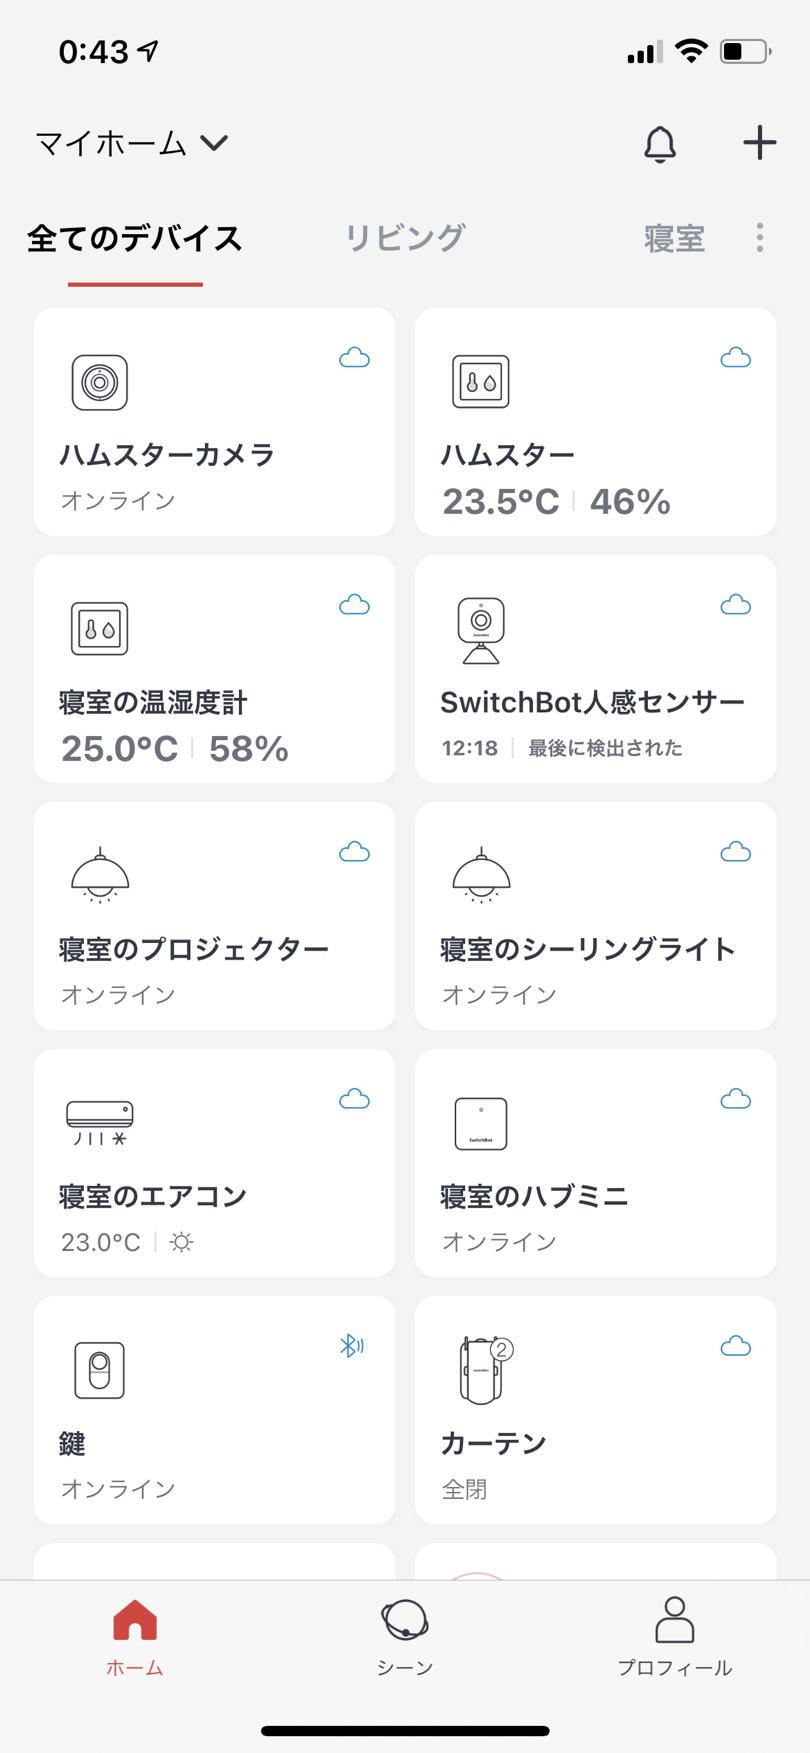 アプリで様々な設定が可能